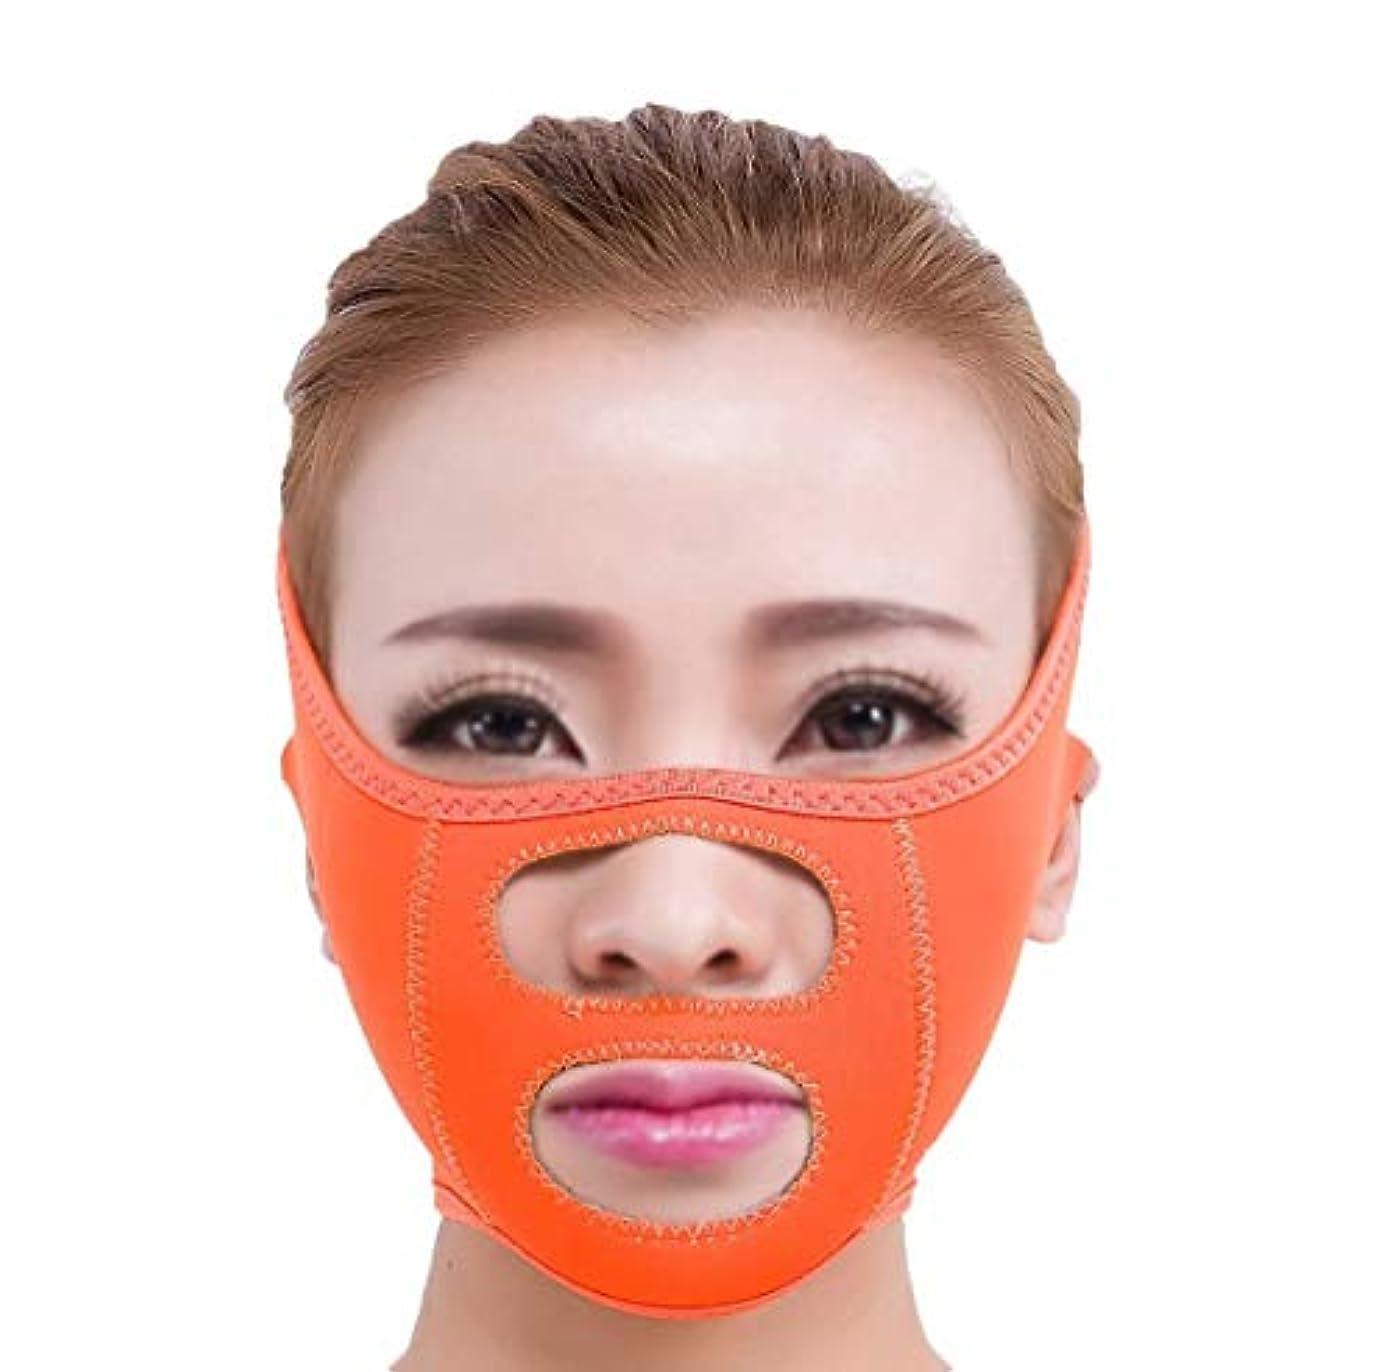 雲品種啓発するスリミングベルト、フェイシャルマスク薄い顔マスク睡眠薄い顔マスク薄い顔包帯薄い顔アーティファクト薄い顔顔リフティング薄い顔小さなV顔睡眠薄い顔ベルト